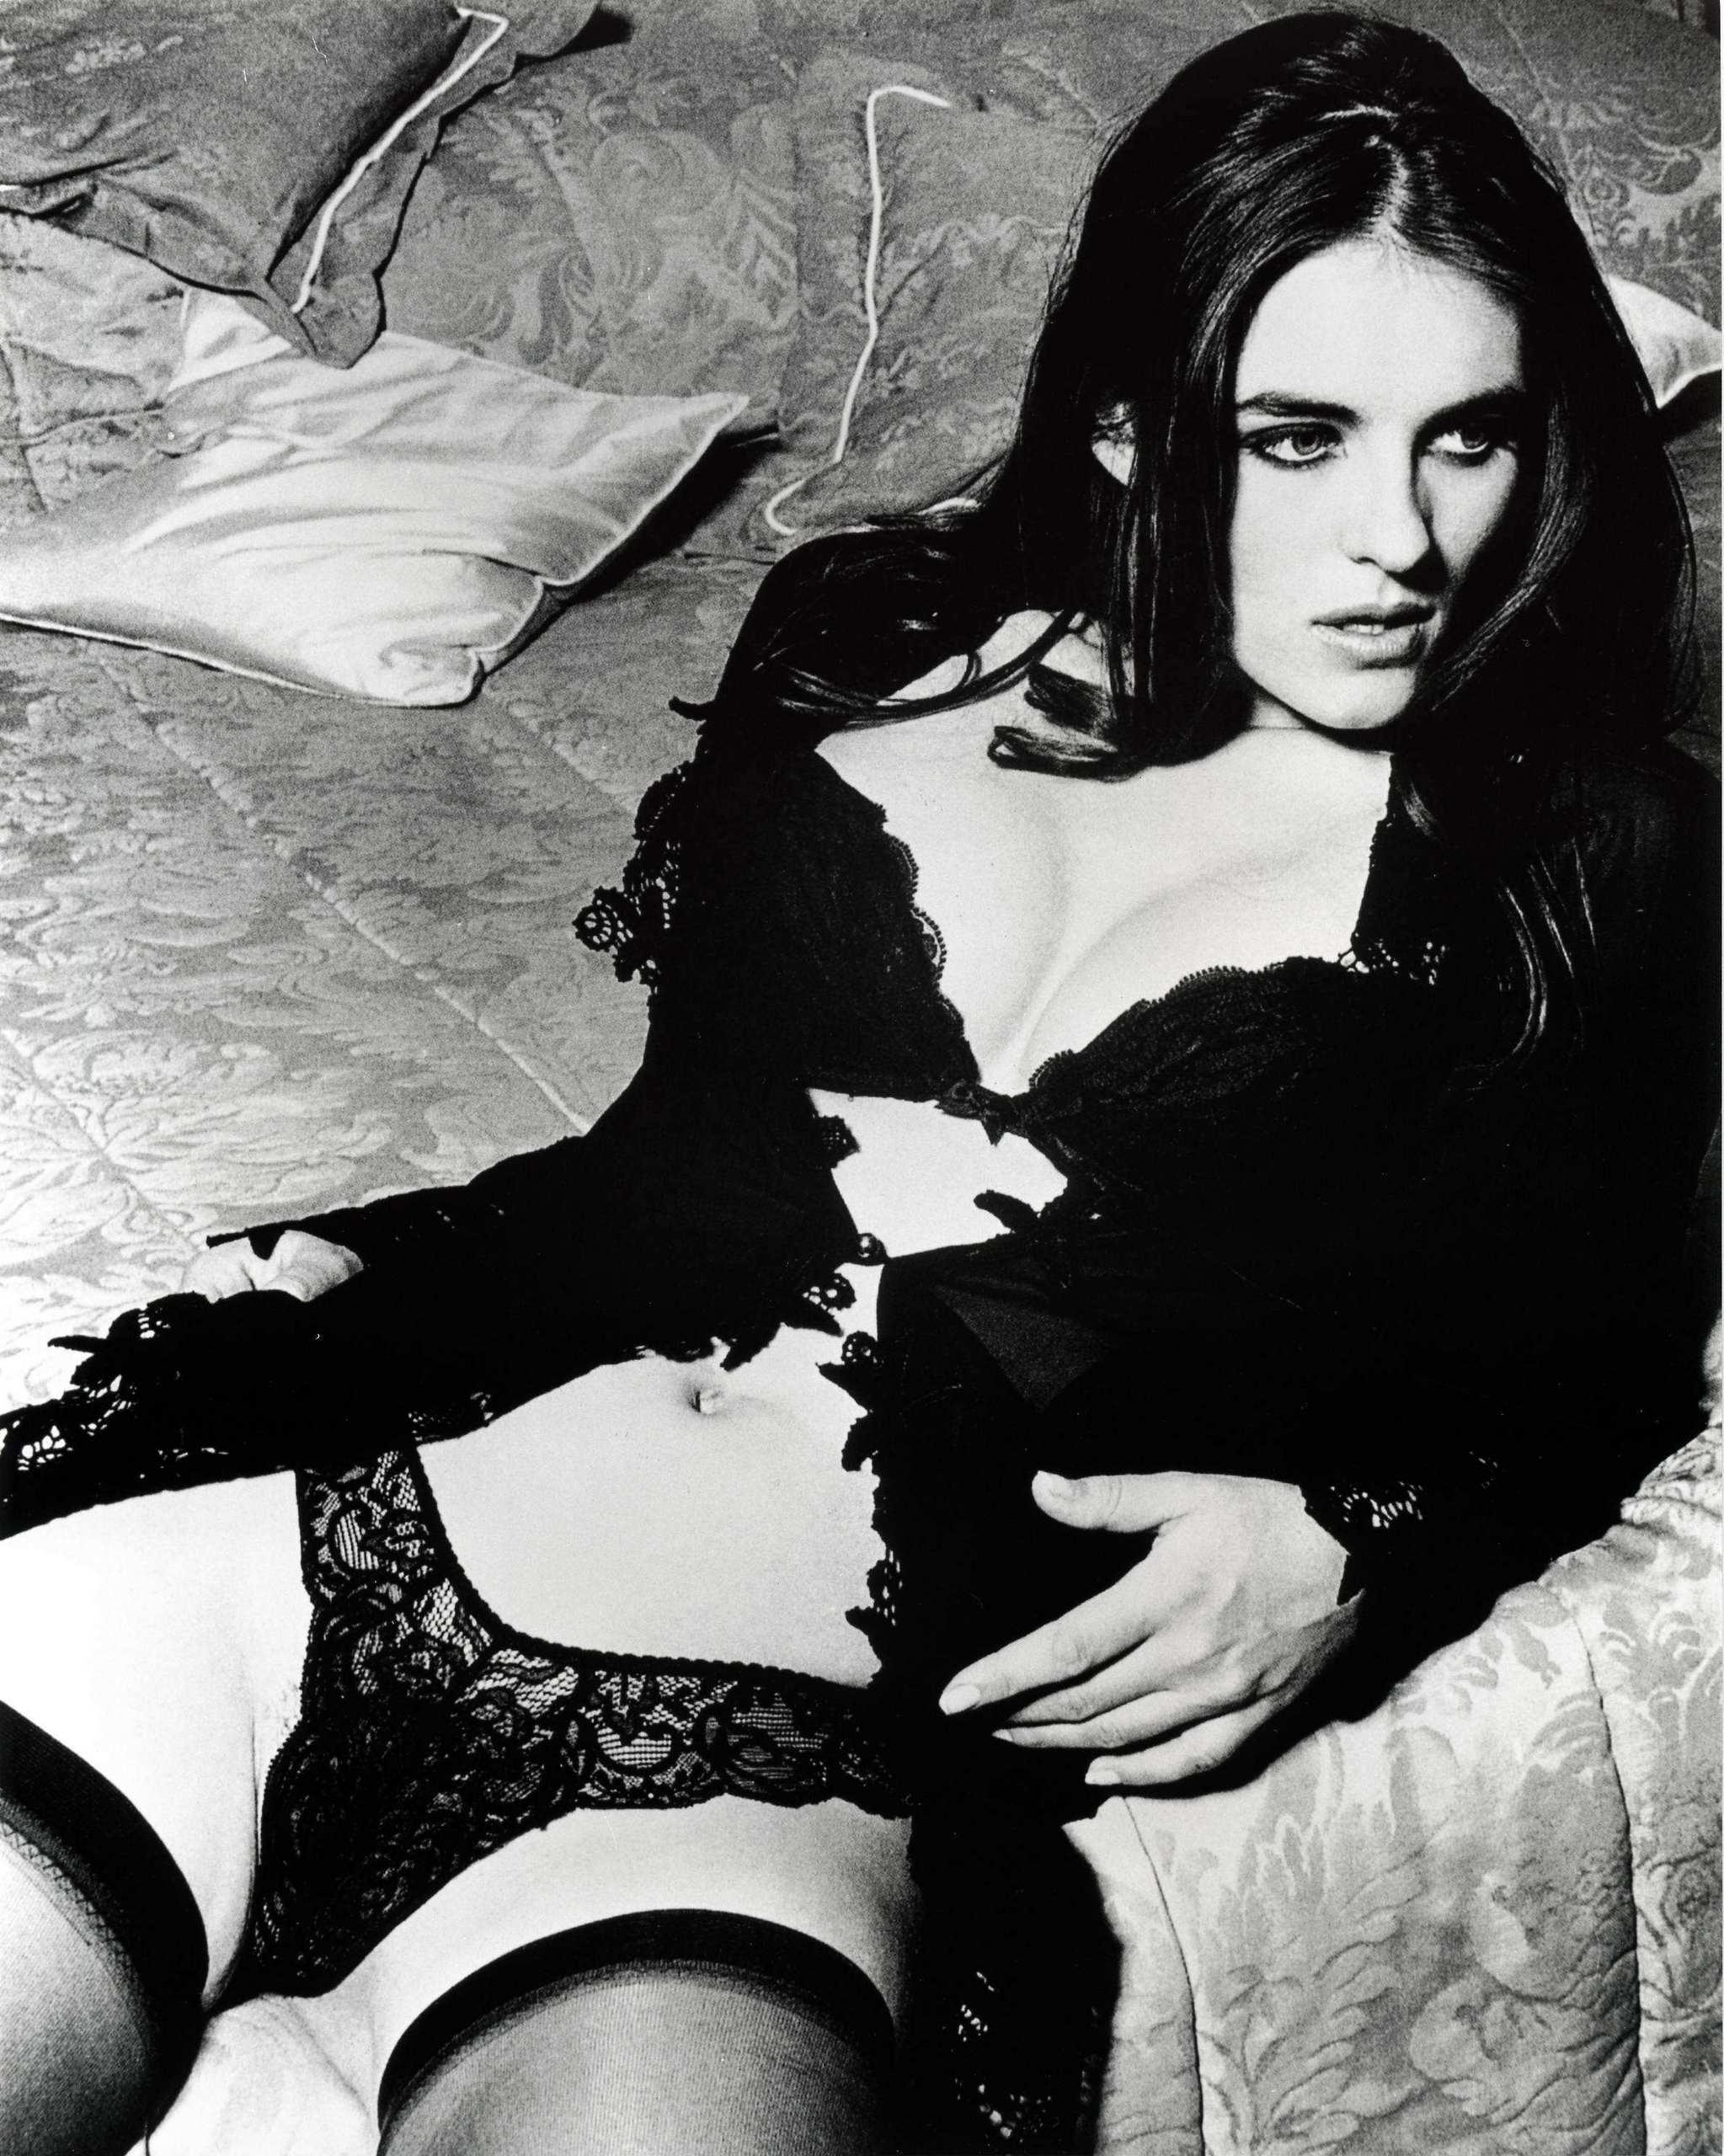 http://images1.fanpop.com/images/photos/1500000/Elizabeth-elizabeth-hurley-1549642-2047-2560.jpg